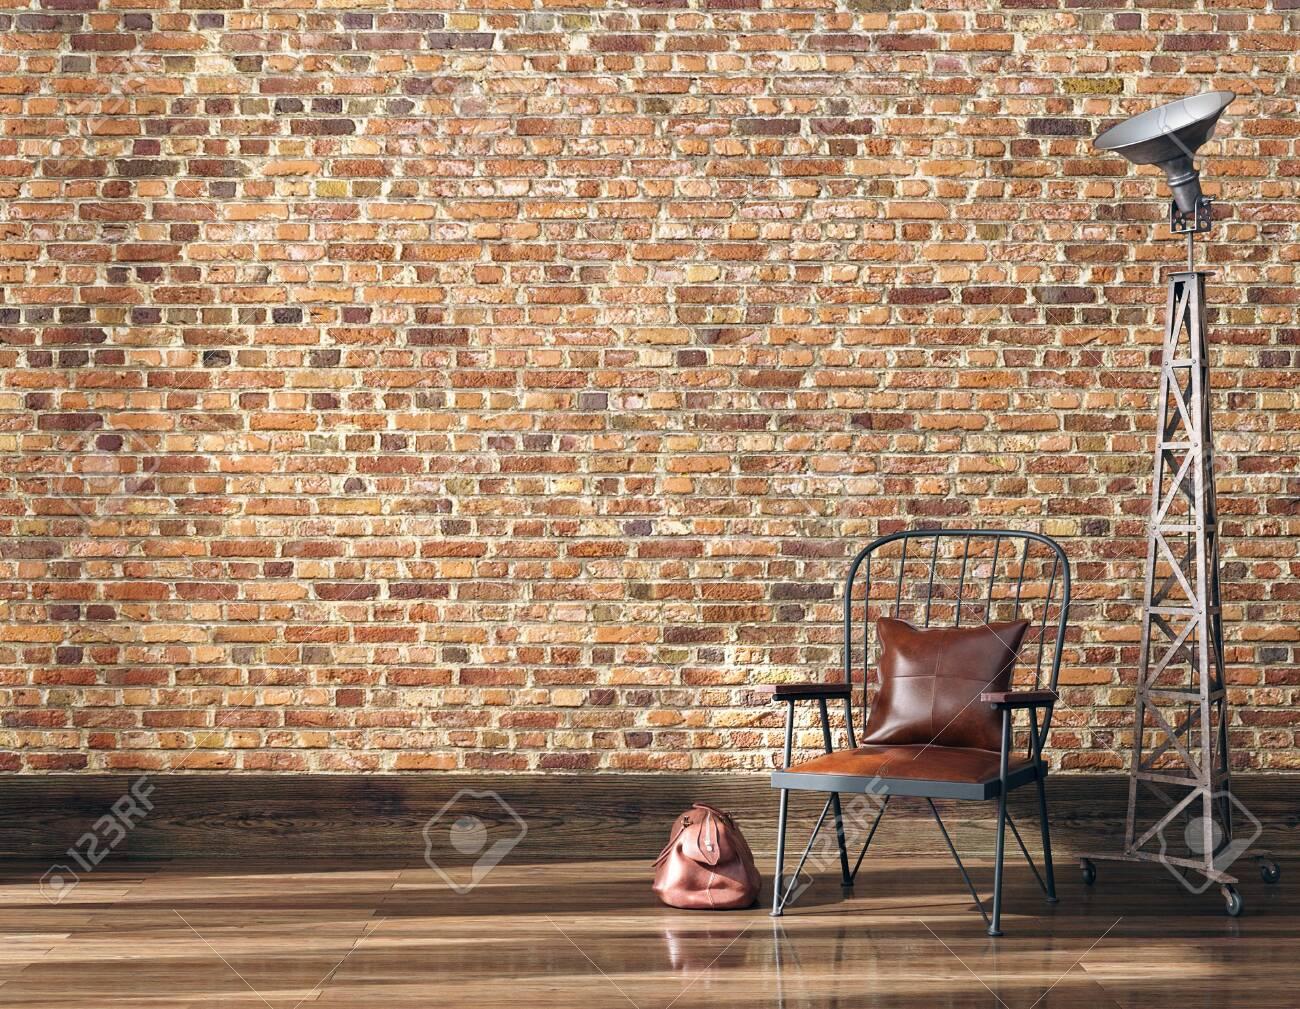 Minimalist industrial interior background, 3d render - 131755990